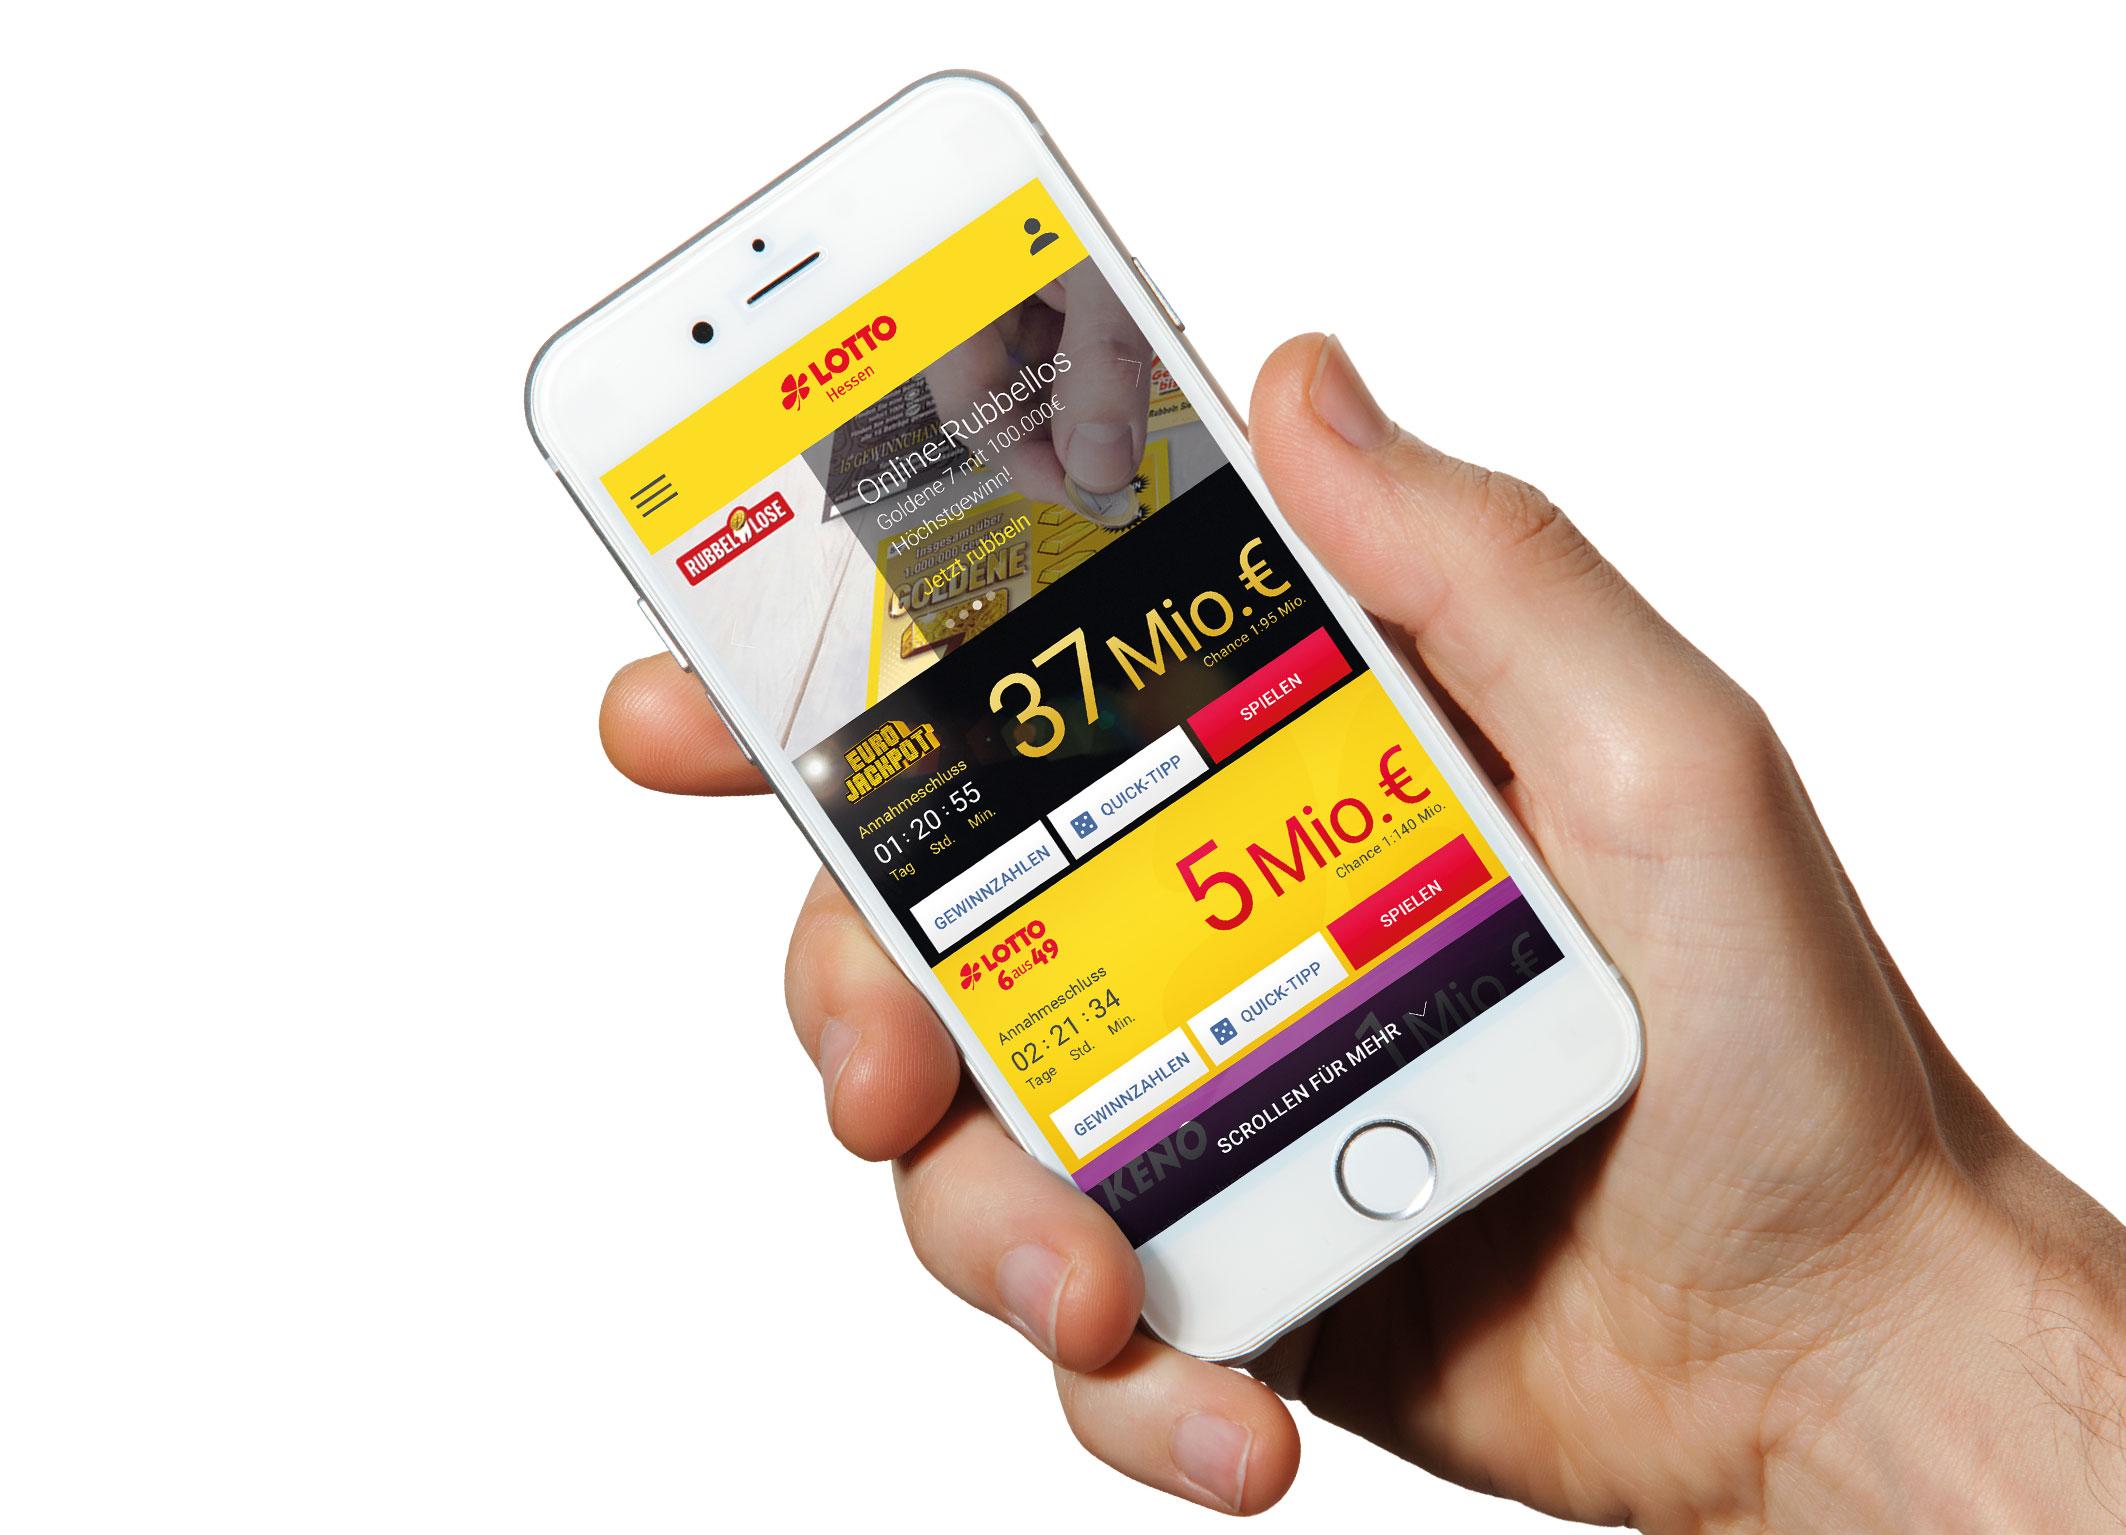 Lotto Hessen App